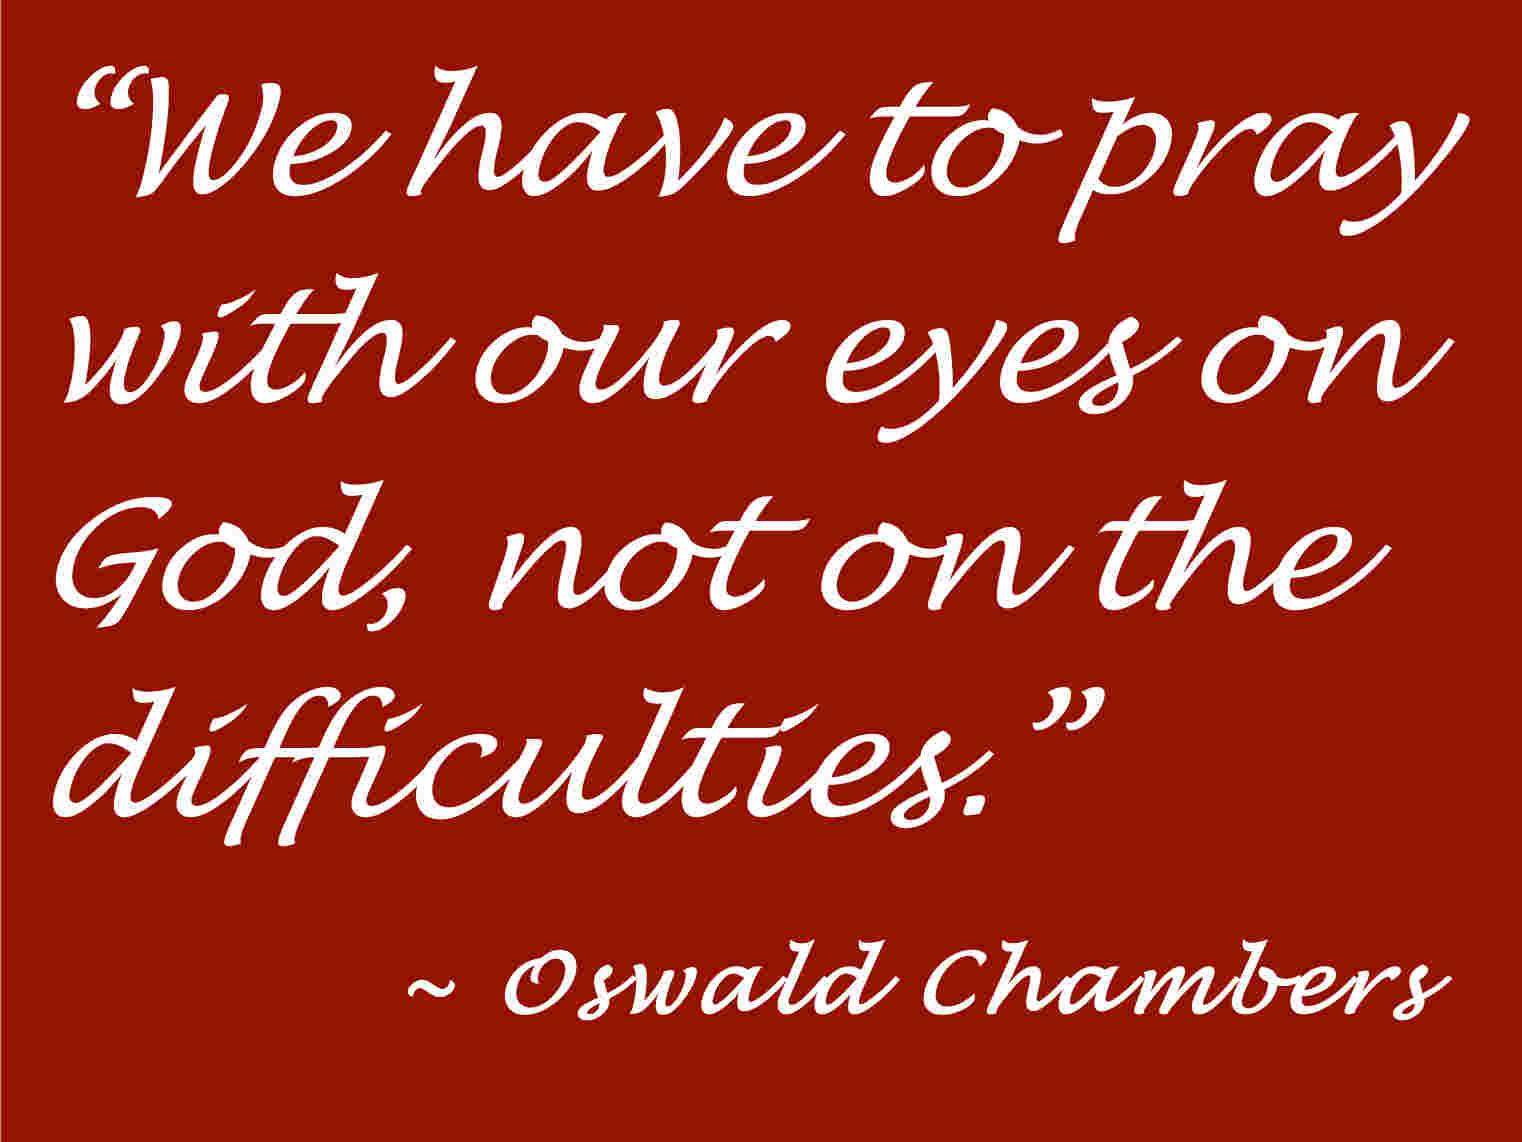 Spectators Quotes Quotesgram: Power Of Prayer Bible Quotes. QuotesGram